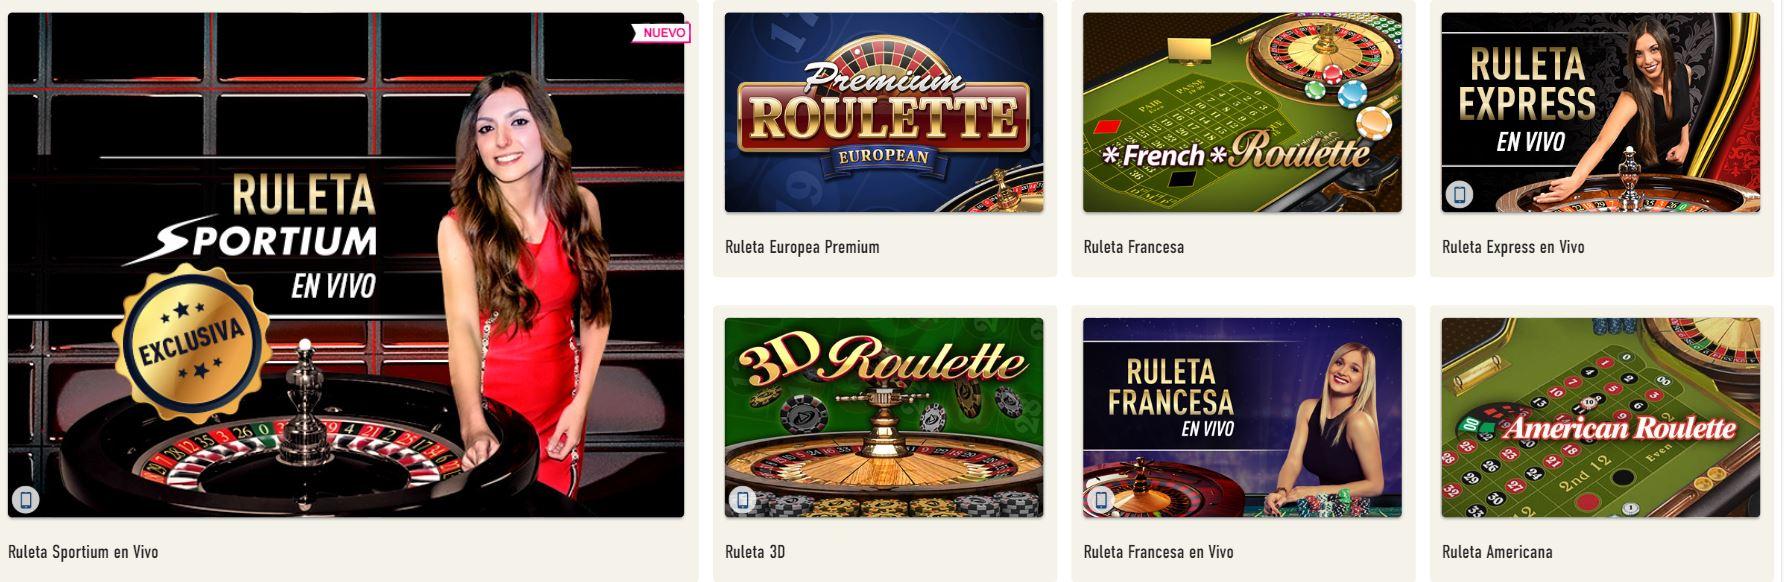 Desde poker hasta ruleta, todos los juegos se encuentran en Sportium.